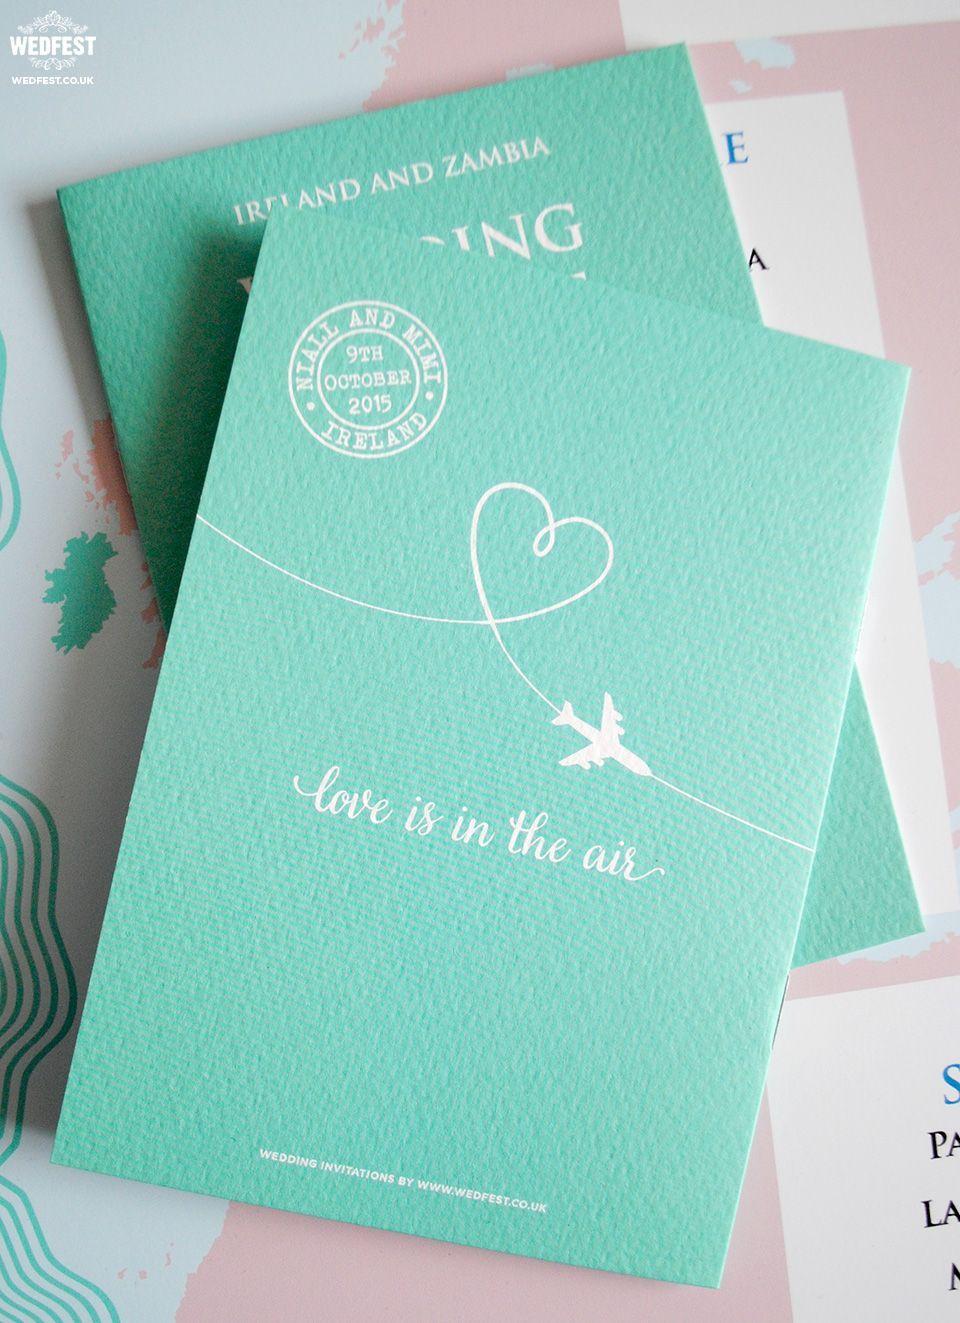 Wedding passport invite festpassportwedding